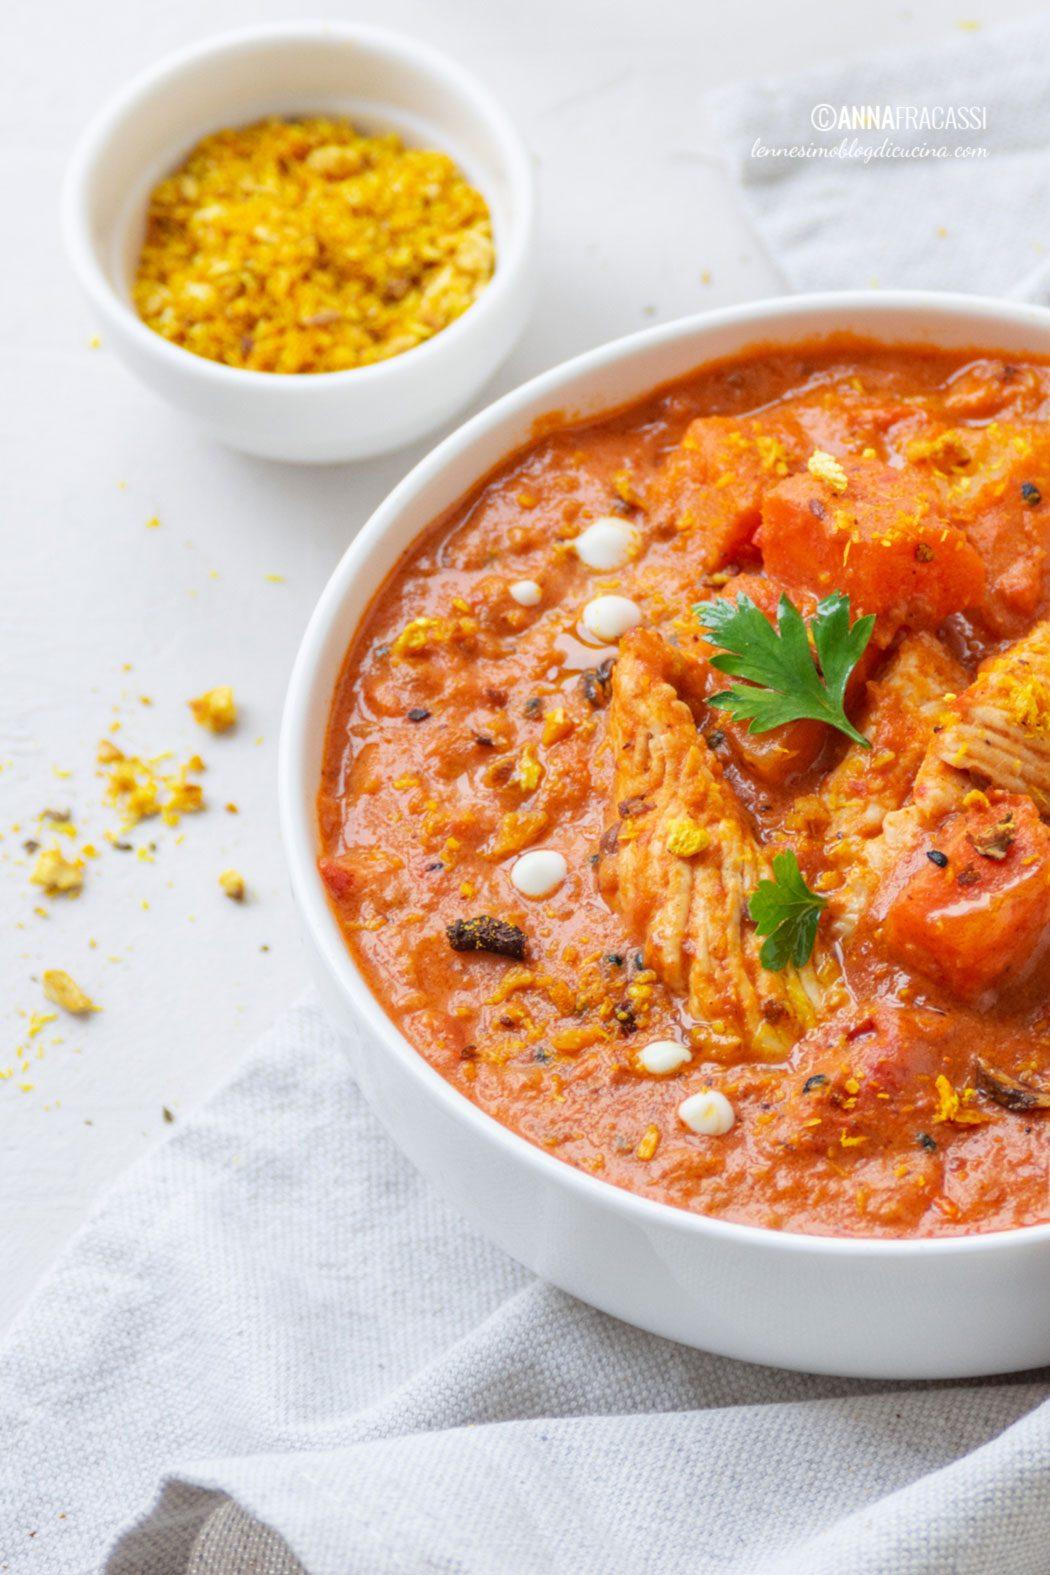 Curry indiano di tacchino con patate dolci e funghi shiitake